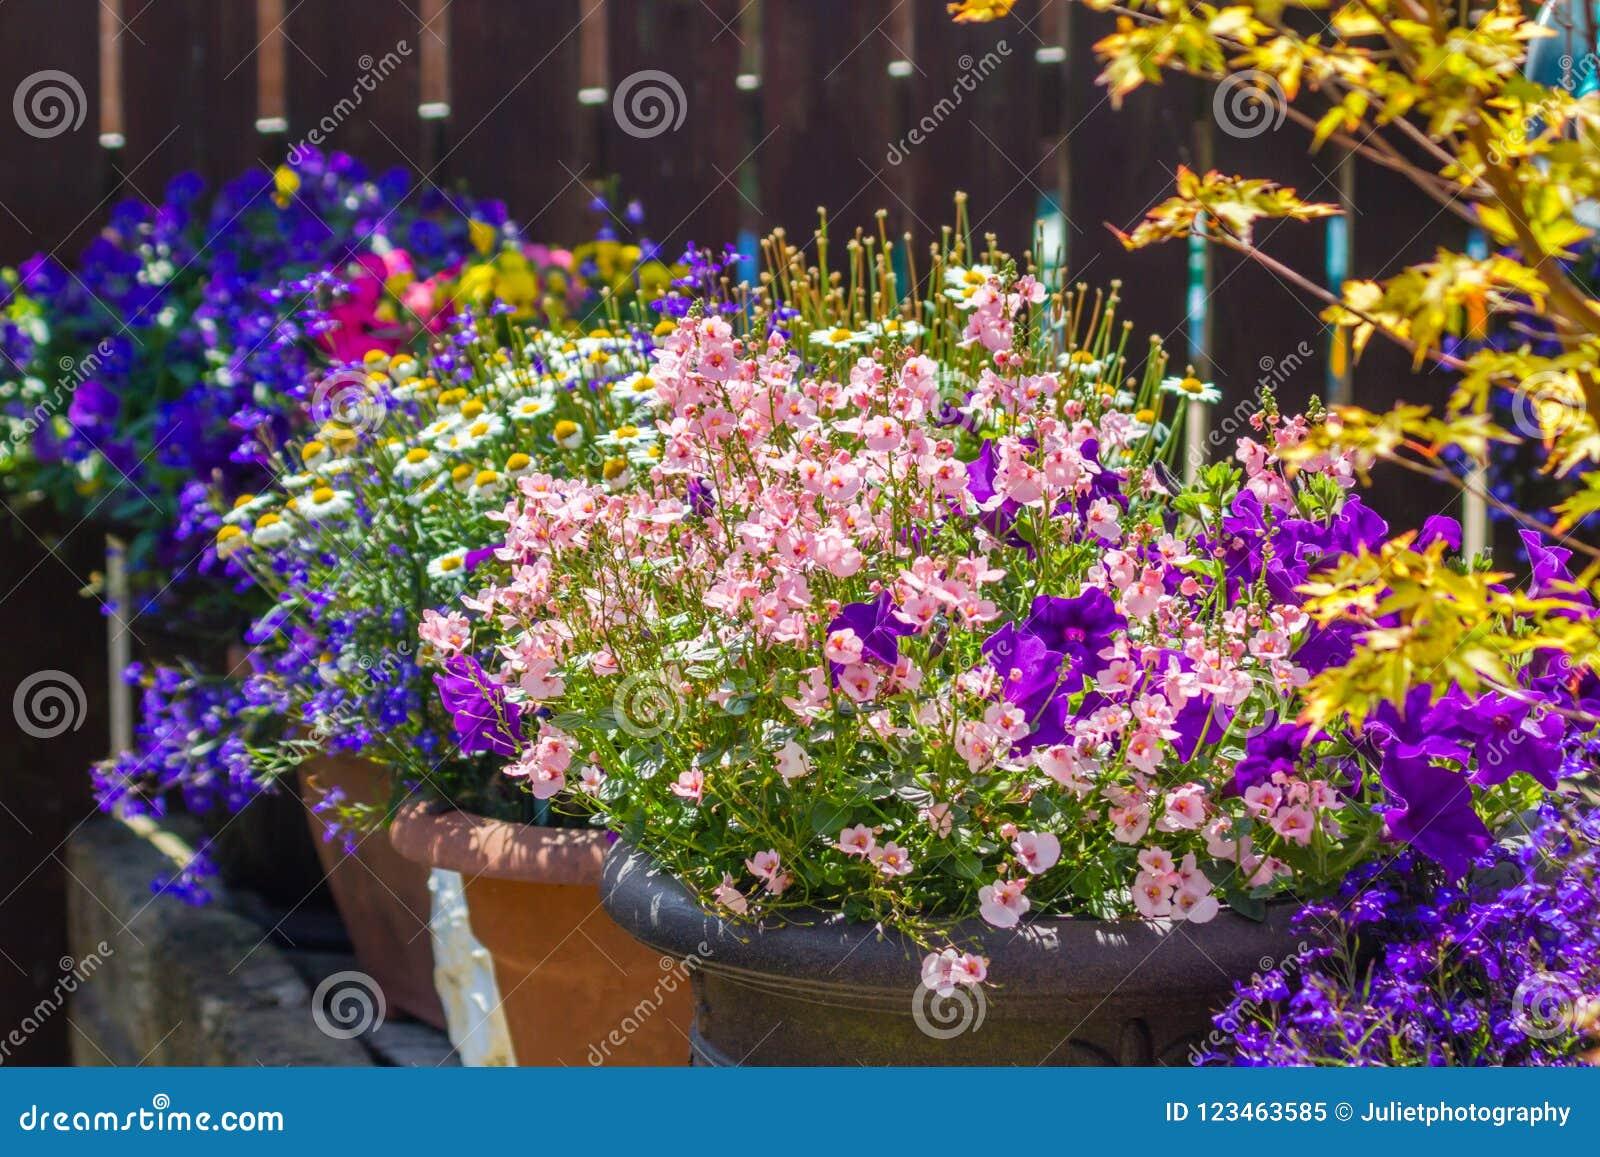 Bello Giardino Di Estate Con Il Fiore Stupefacente In Grandi Vasi